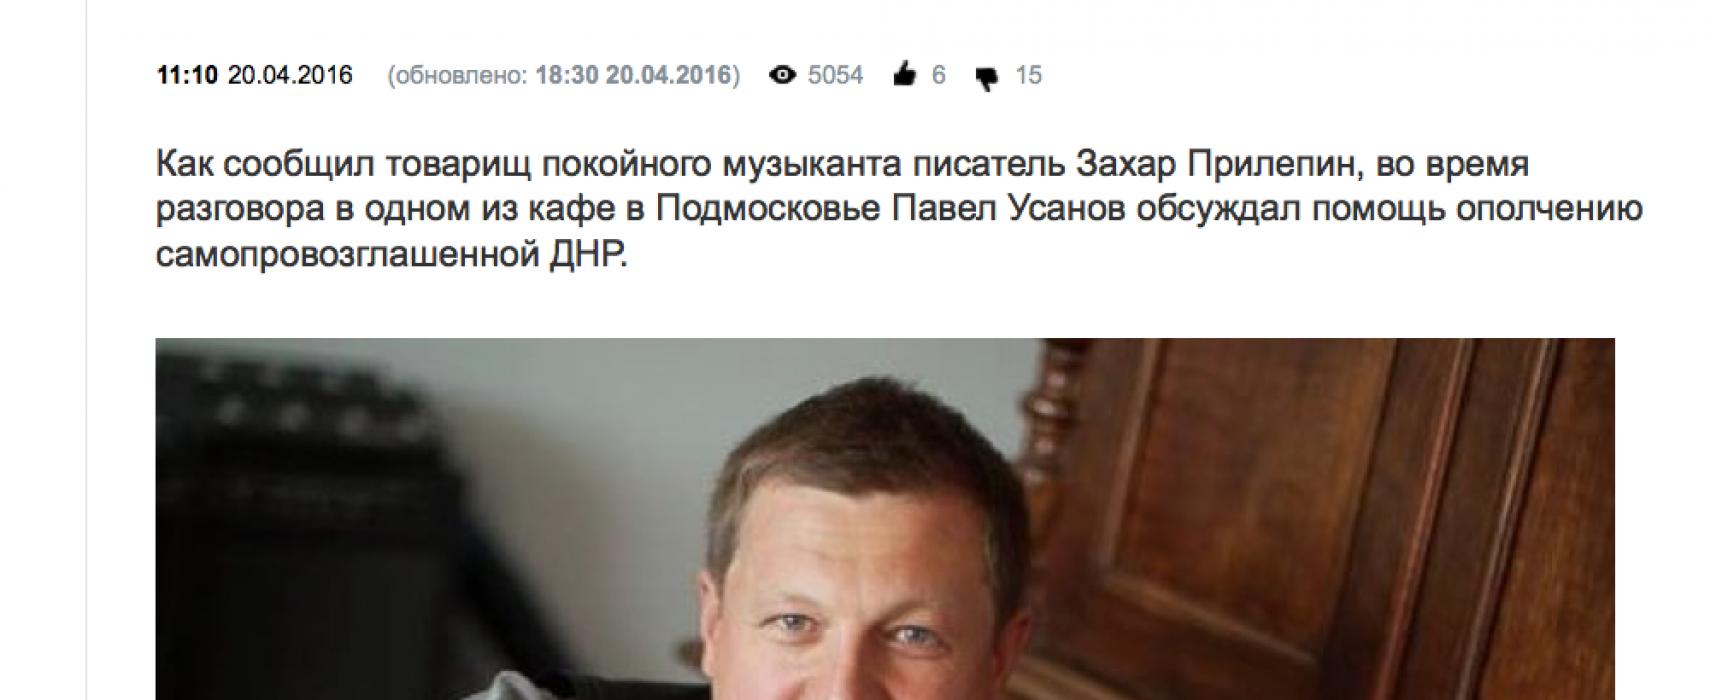 Fake: Un Musicien du groupe «Lyubé» a été tué suite à une conversation au sujet du Donbass